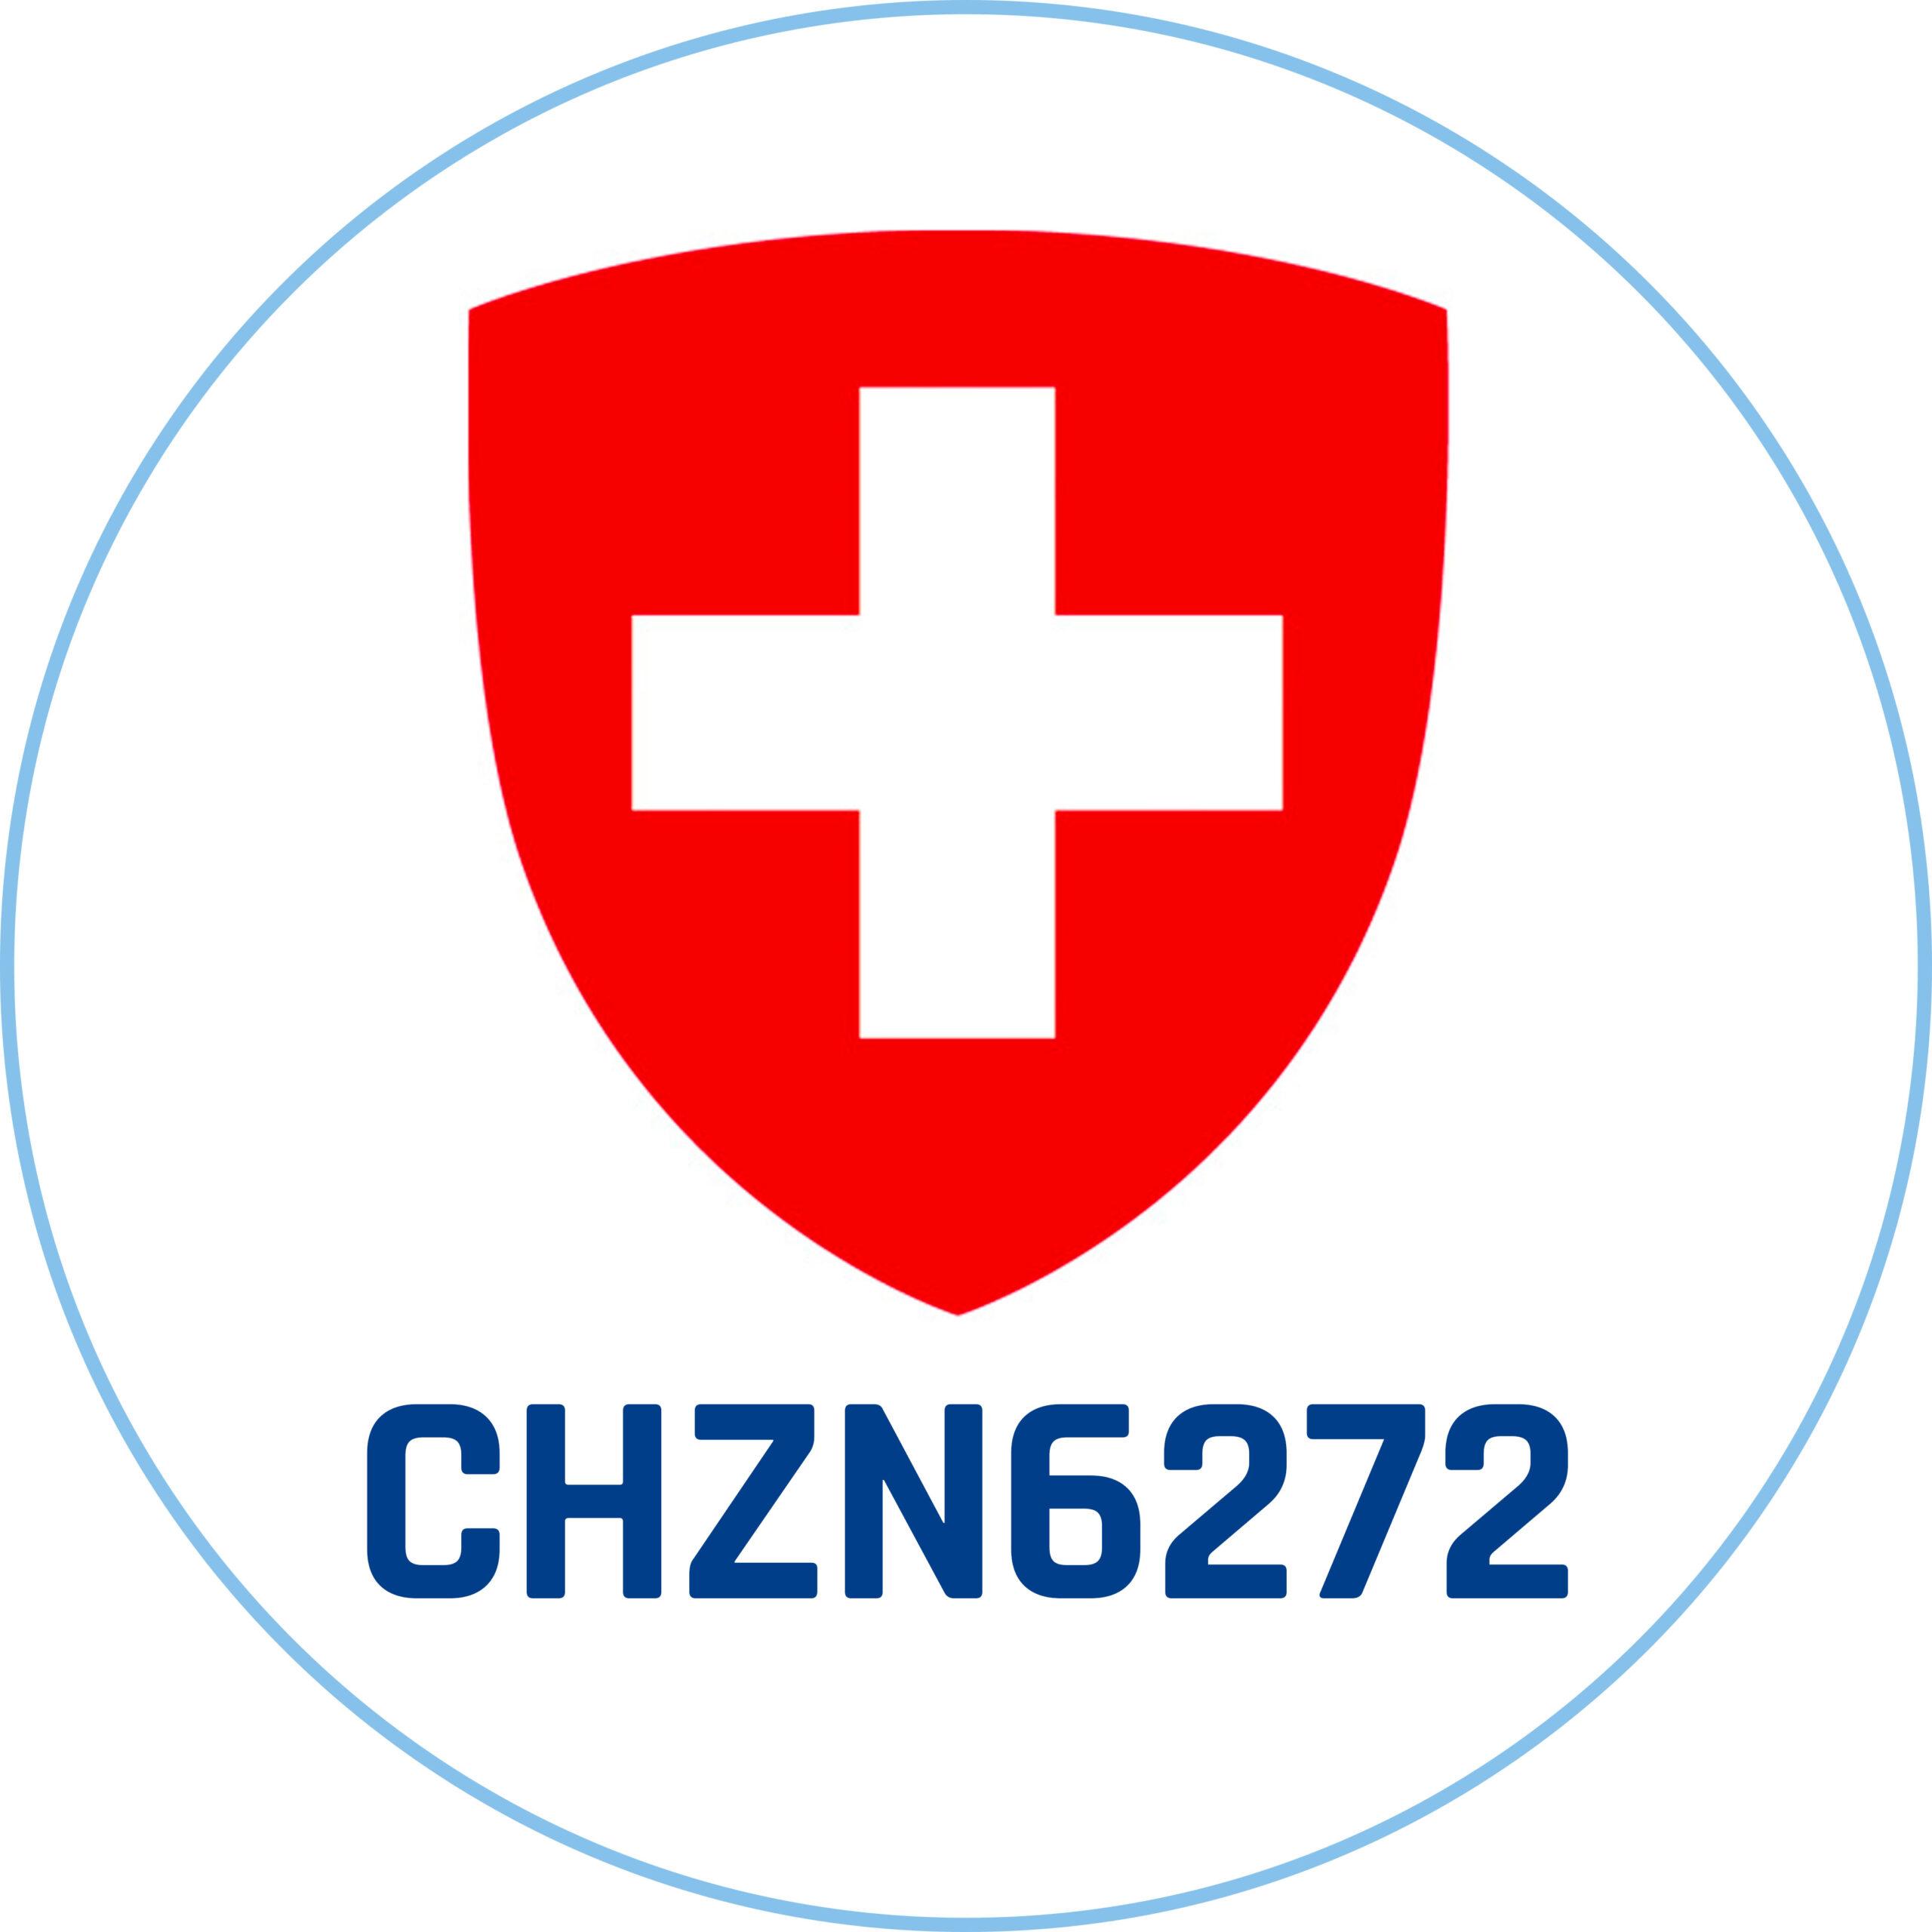 UFSP-CHZN6272-Sanapur-S2Life